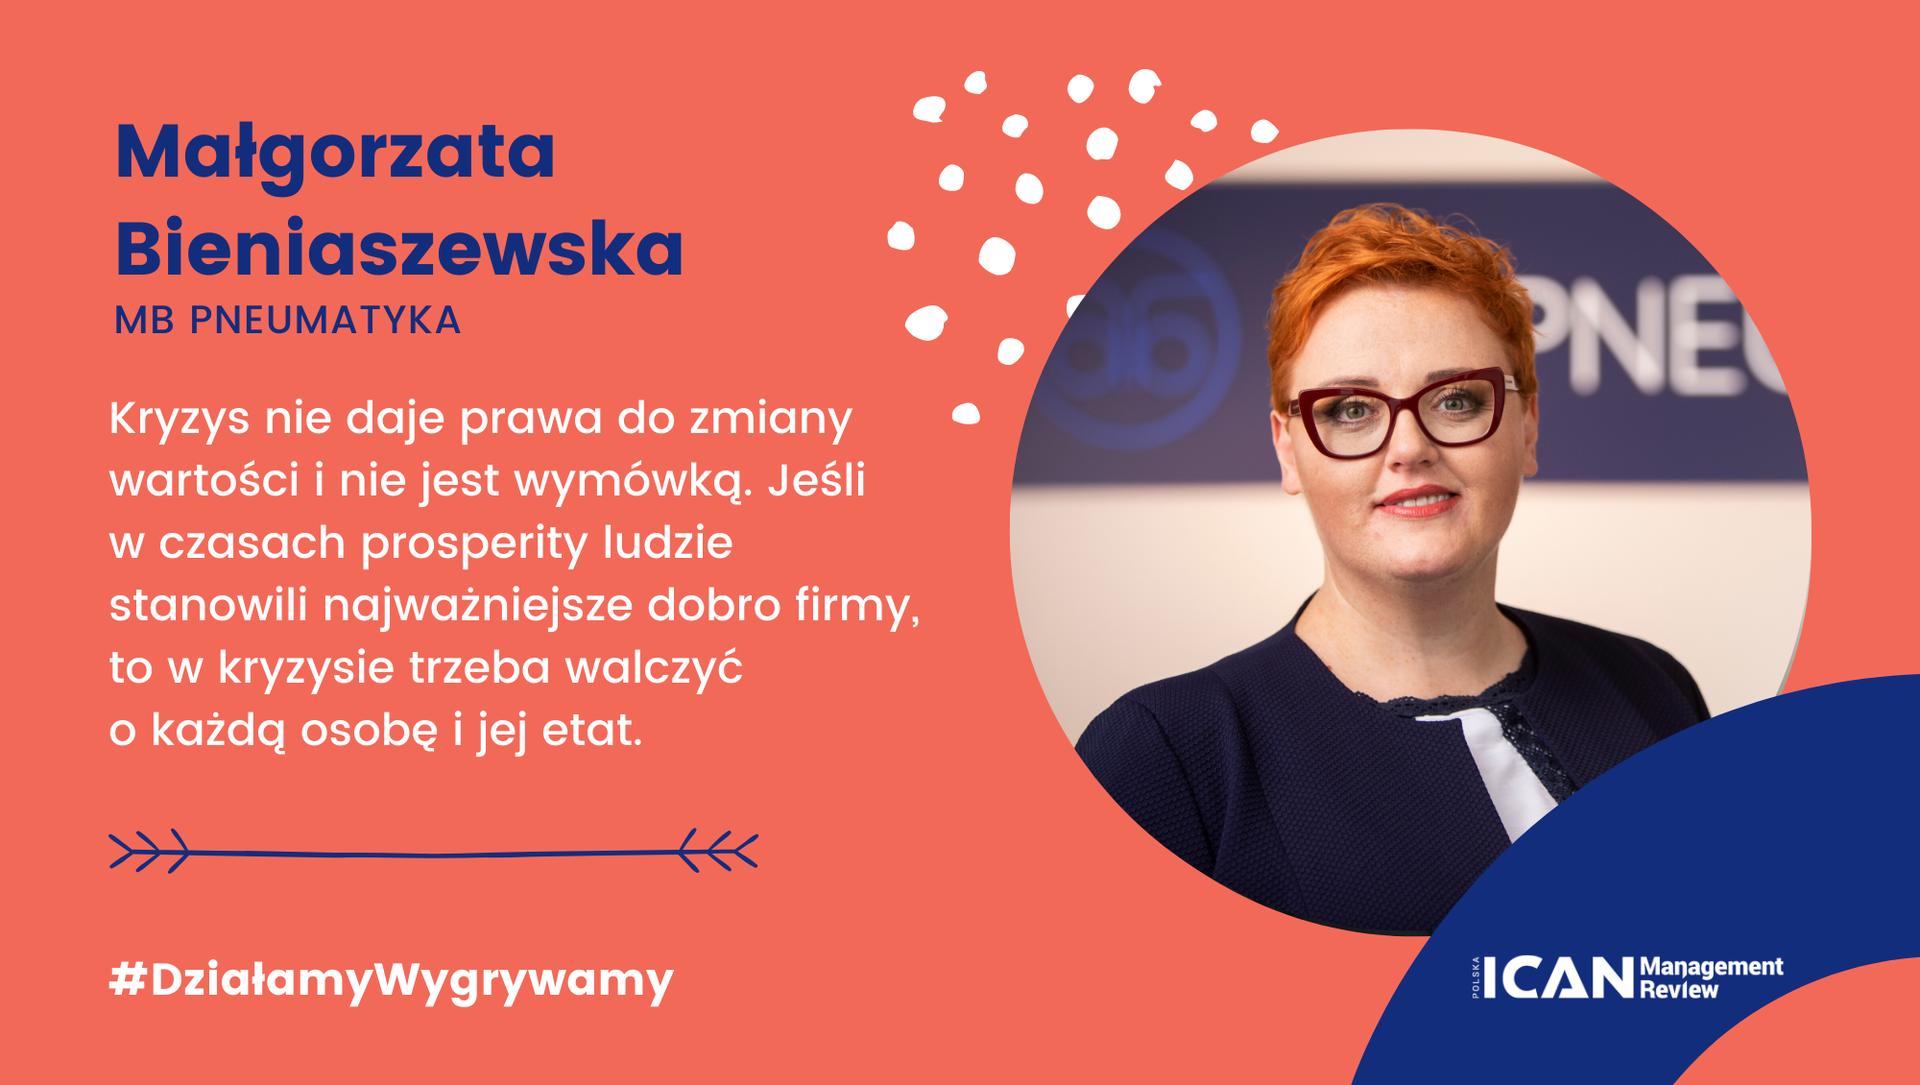 Małgorzata Bieniaszewska:<strong></strong>Dzisiaj silny znaczy zwinny. Teraz jest najlepszy czas na działanie